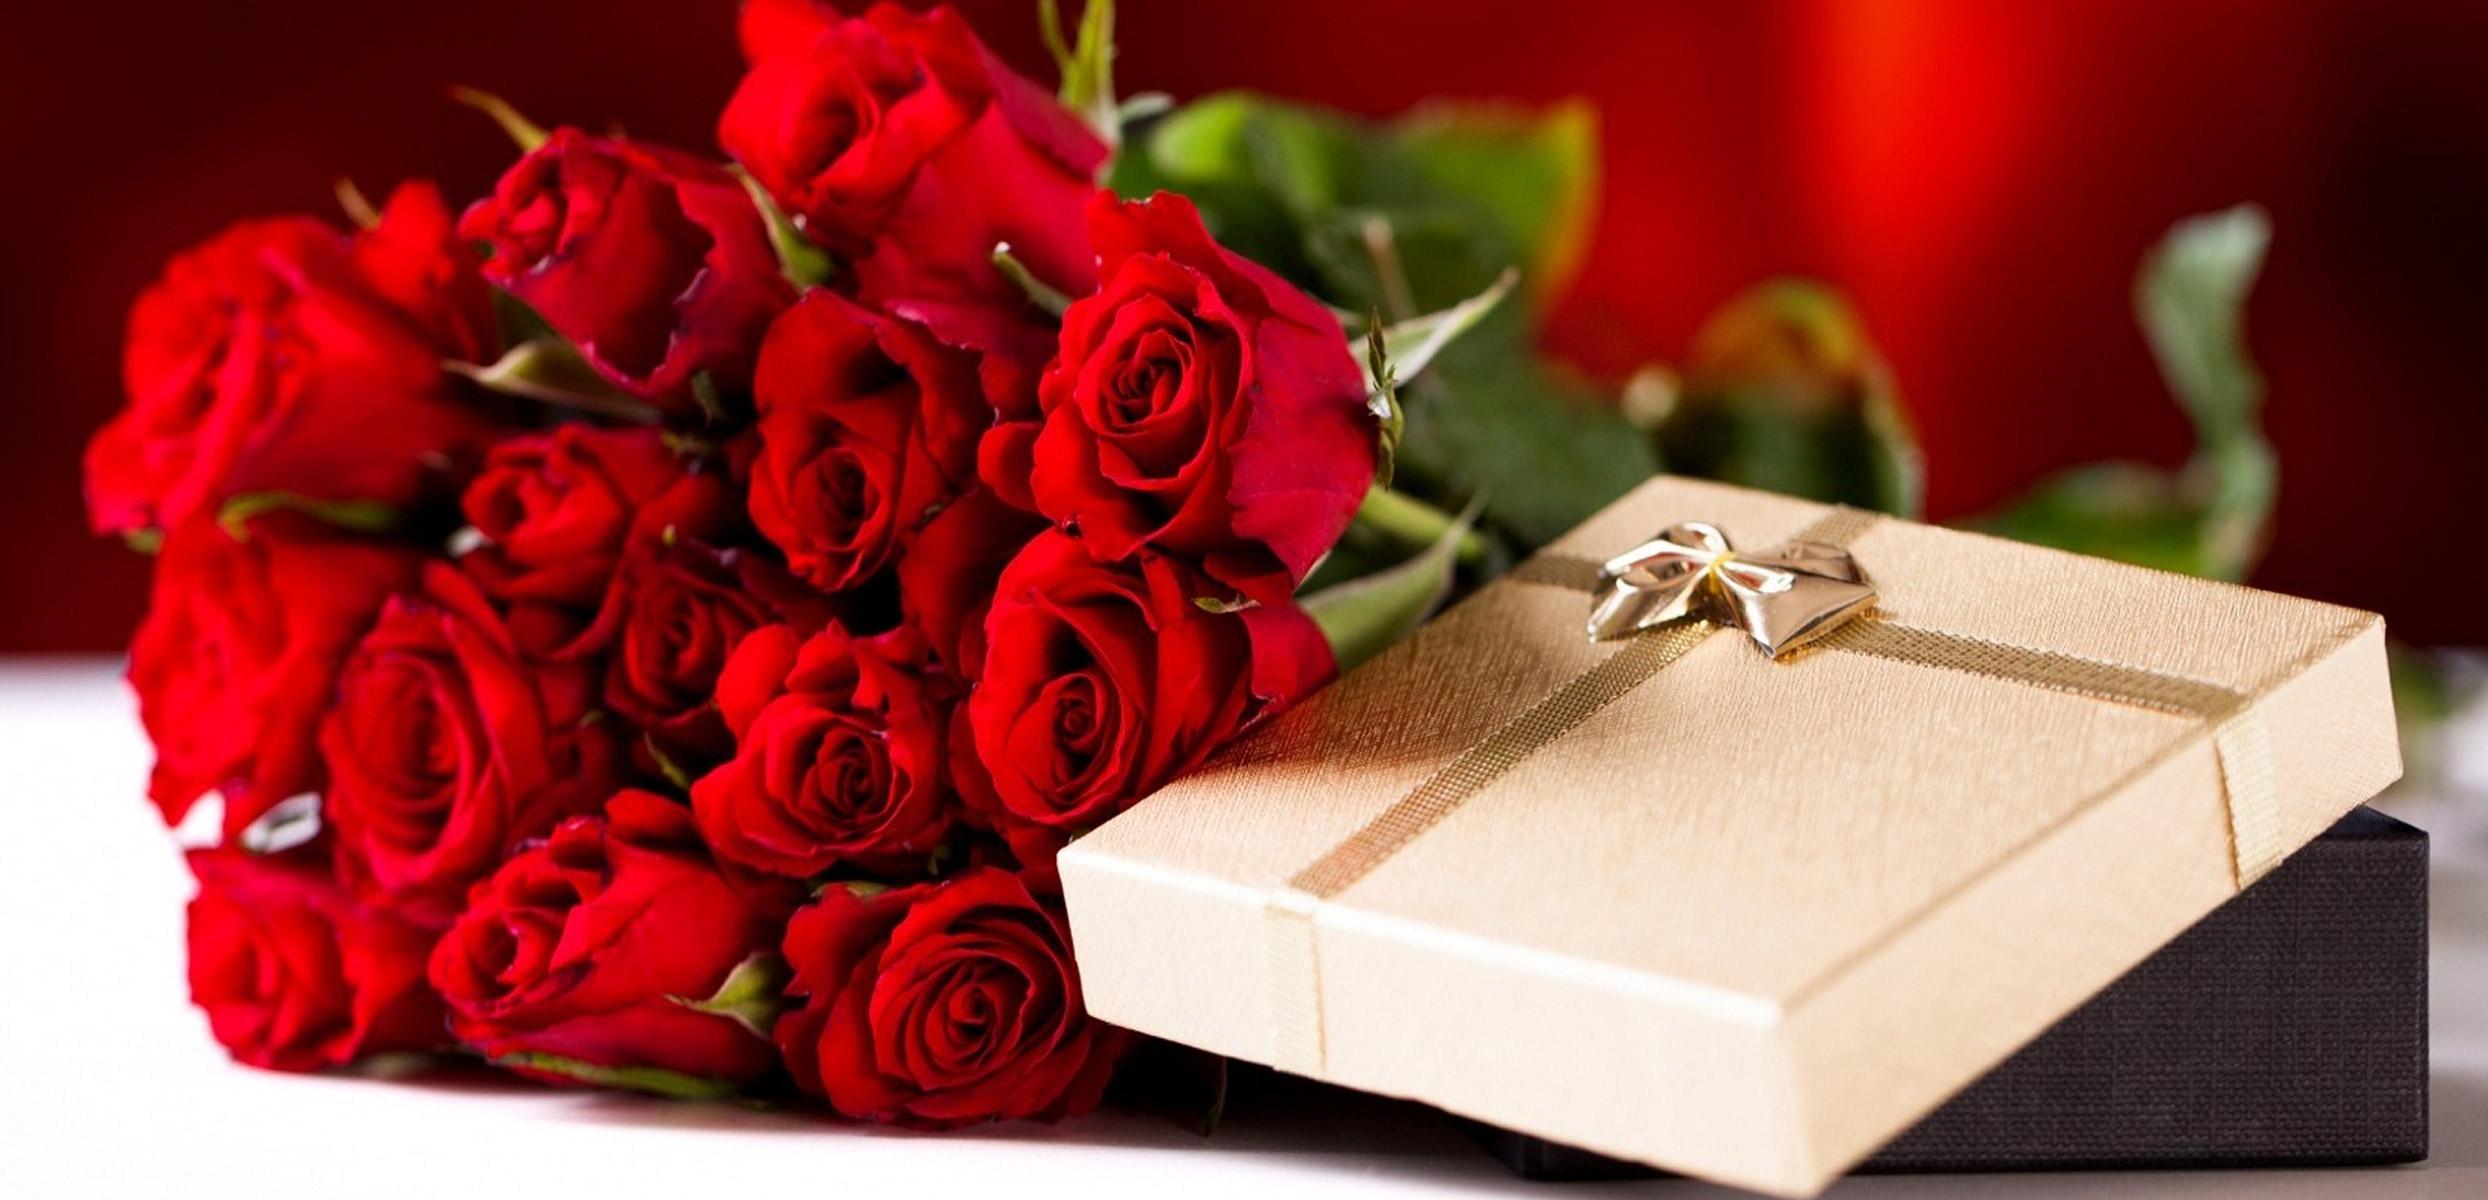 Ювелирный подарок на годовщину свадьбы